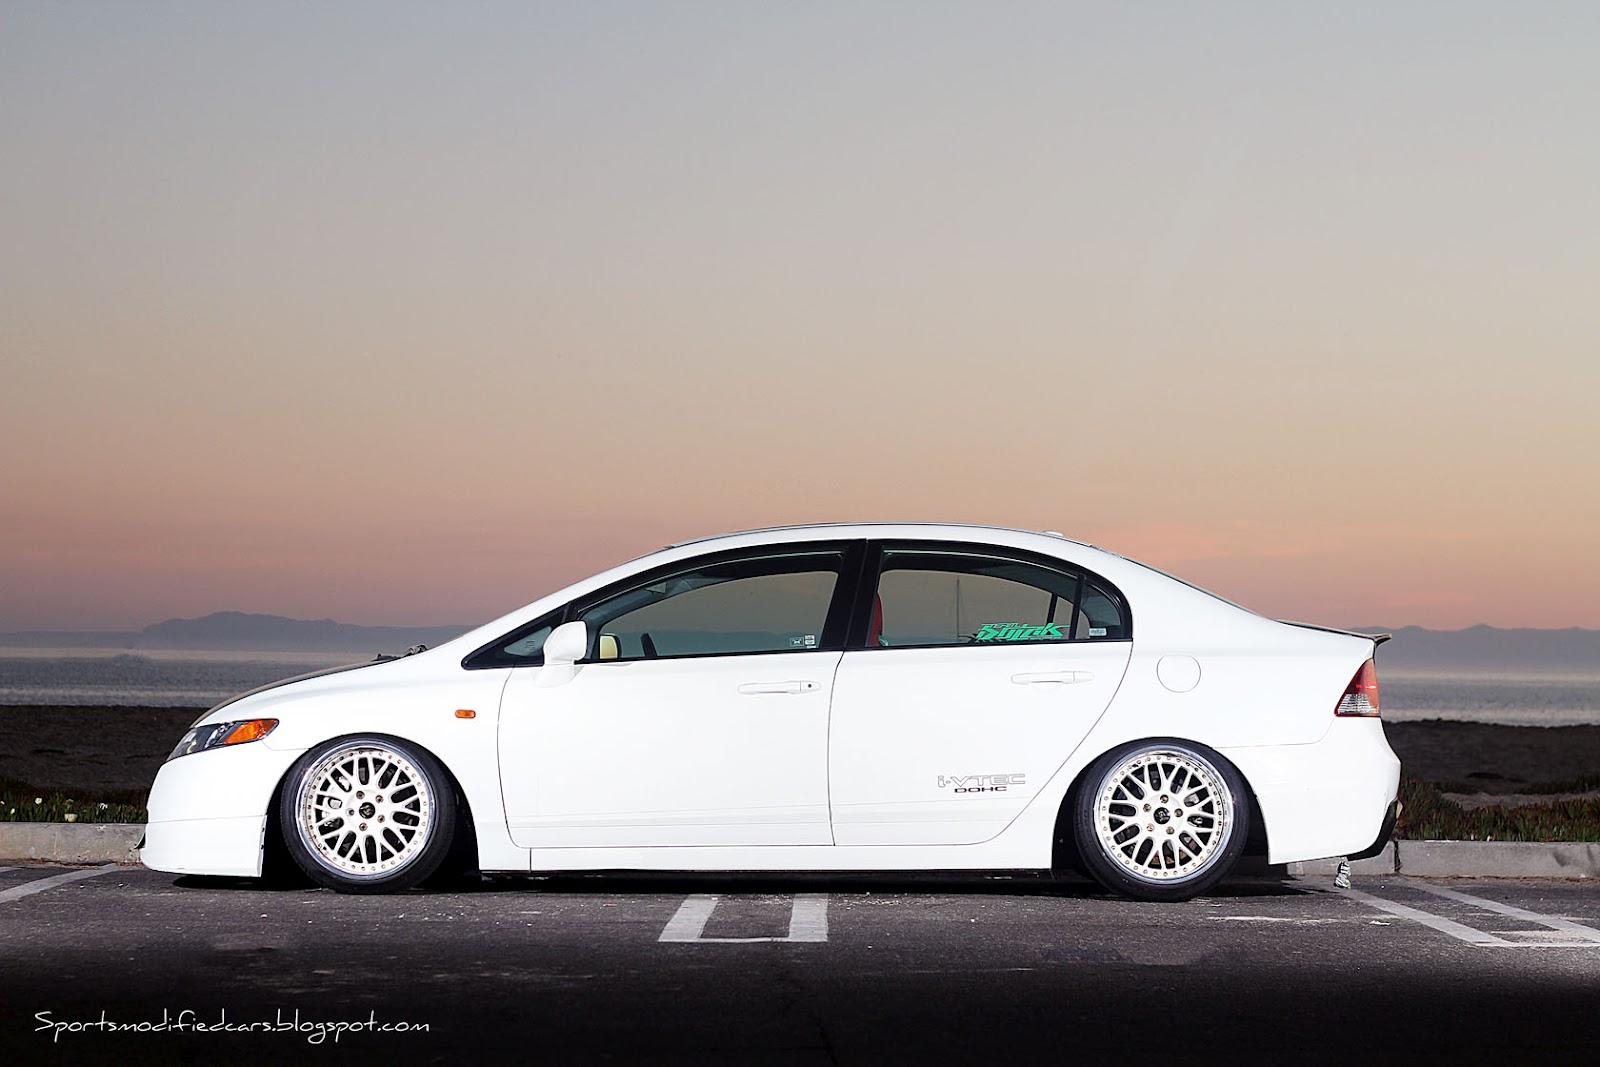 Modified Honda Civic Sedan Si Free Download Image Of